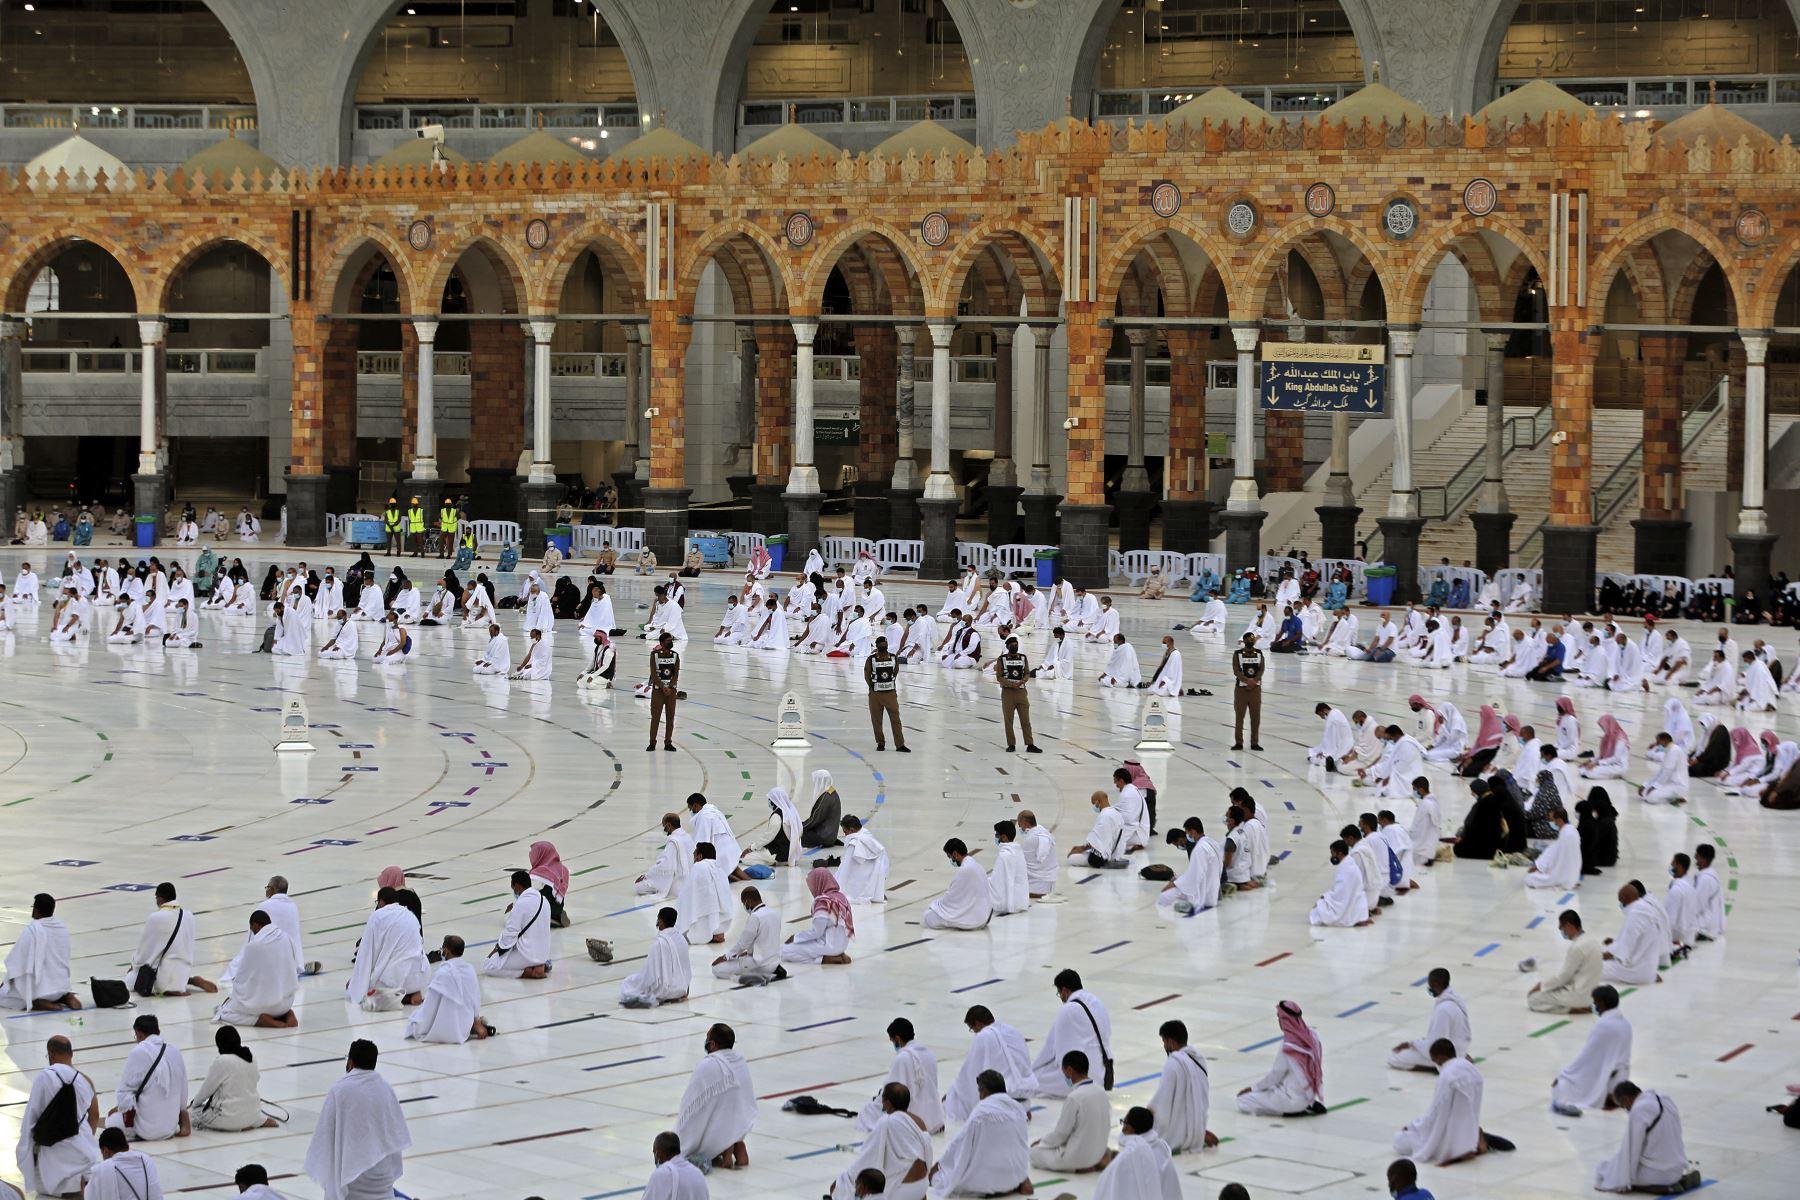 Los fieles realizan las oraciones de al-Adha el primer día de la fiesta alrededor de la Kaaba, el santuario más sagrado del Islam, en la Gran mezquita de la ciudad sagrada de La Meca. Foto: AFP